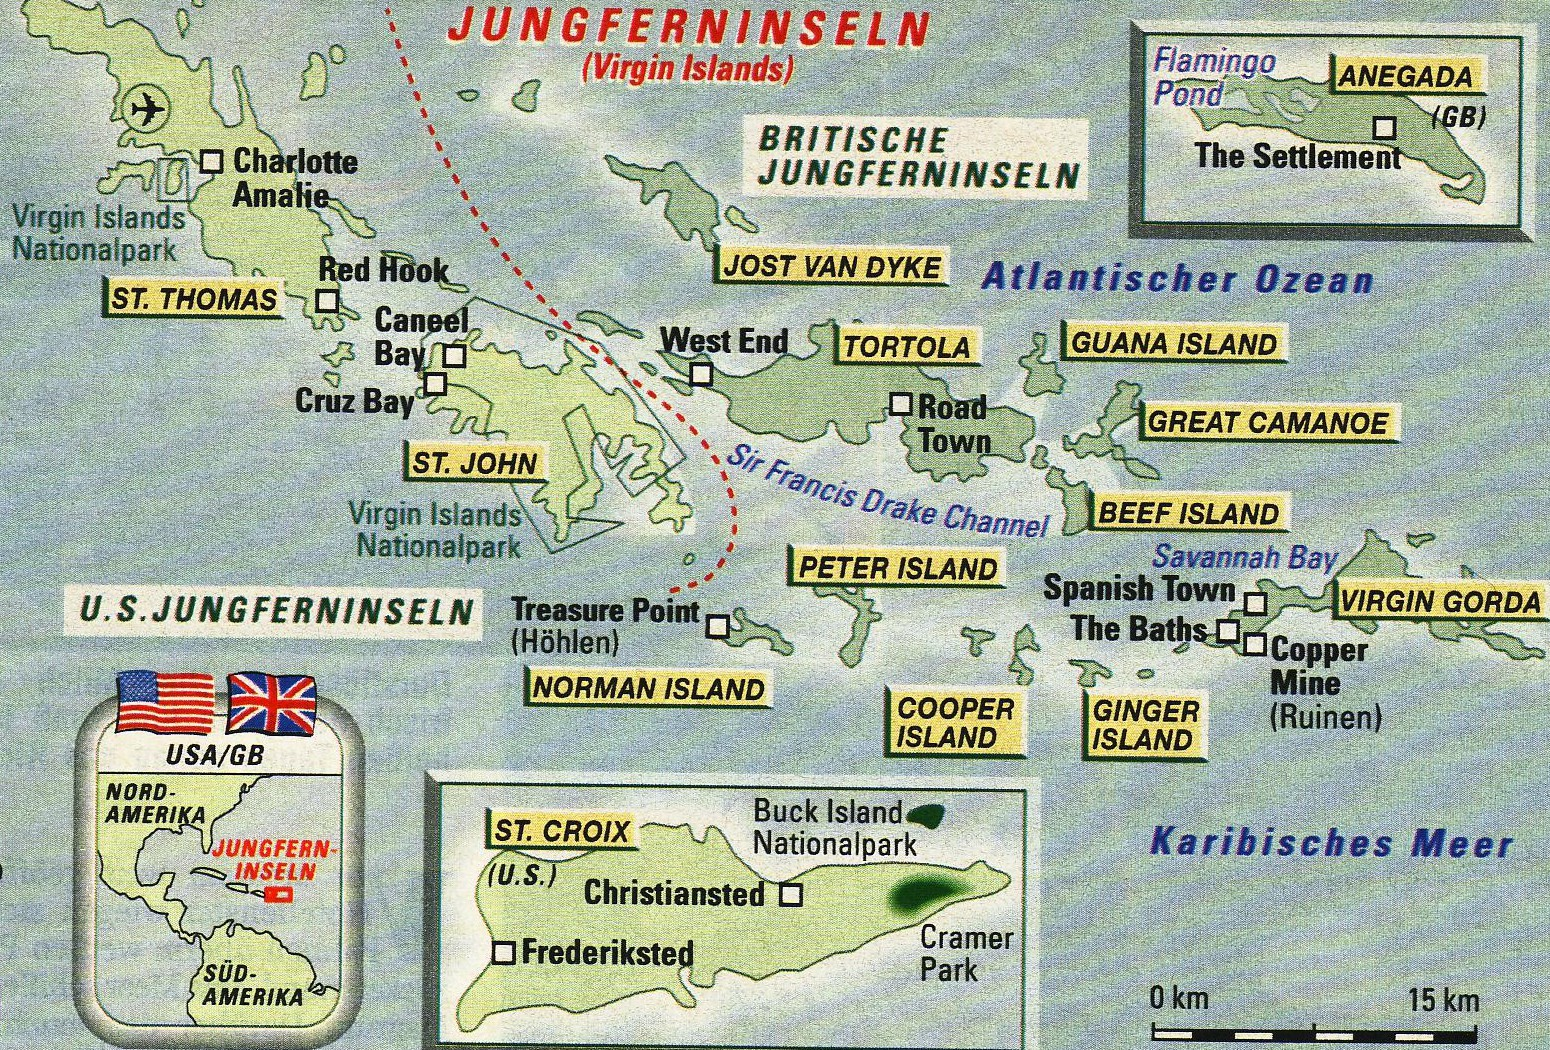 Virgin Islands Karte